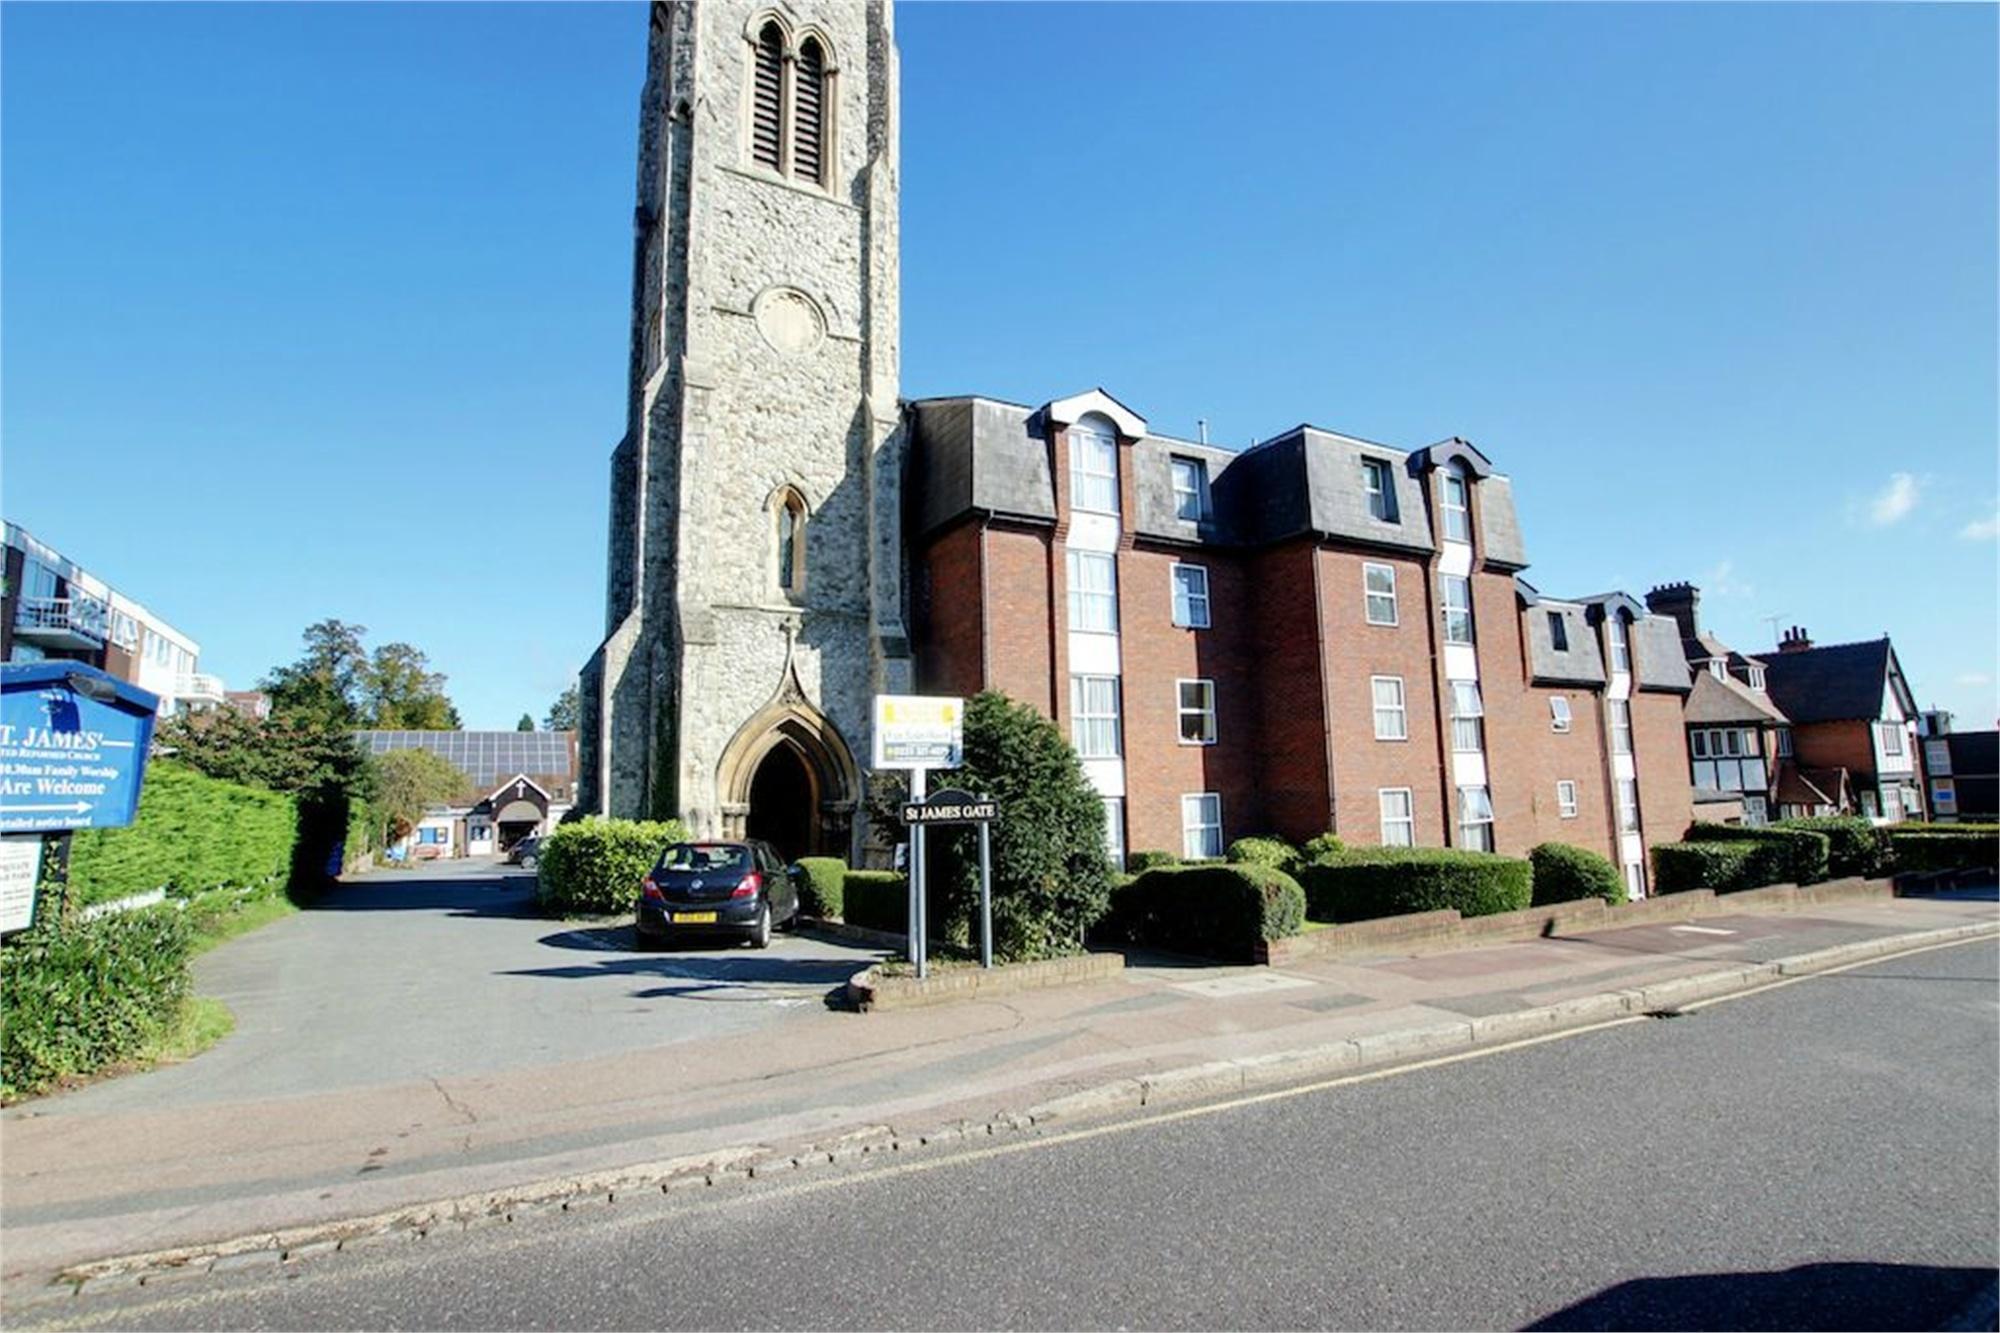 St James Gate, Palmerston Road, Buckhurst Hill, Essex